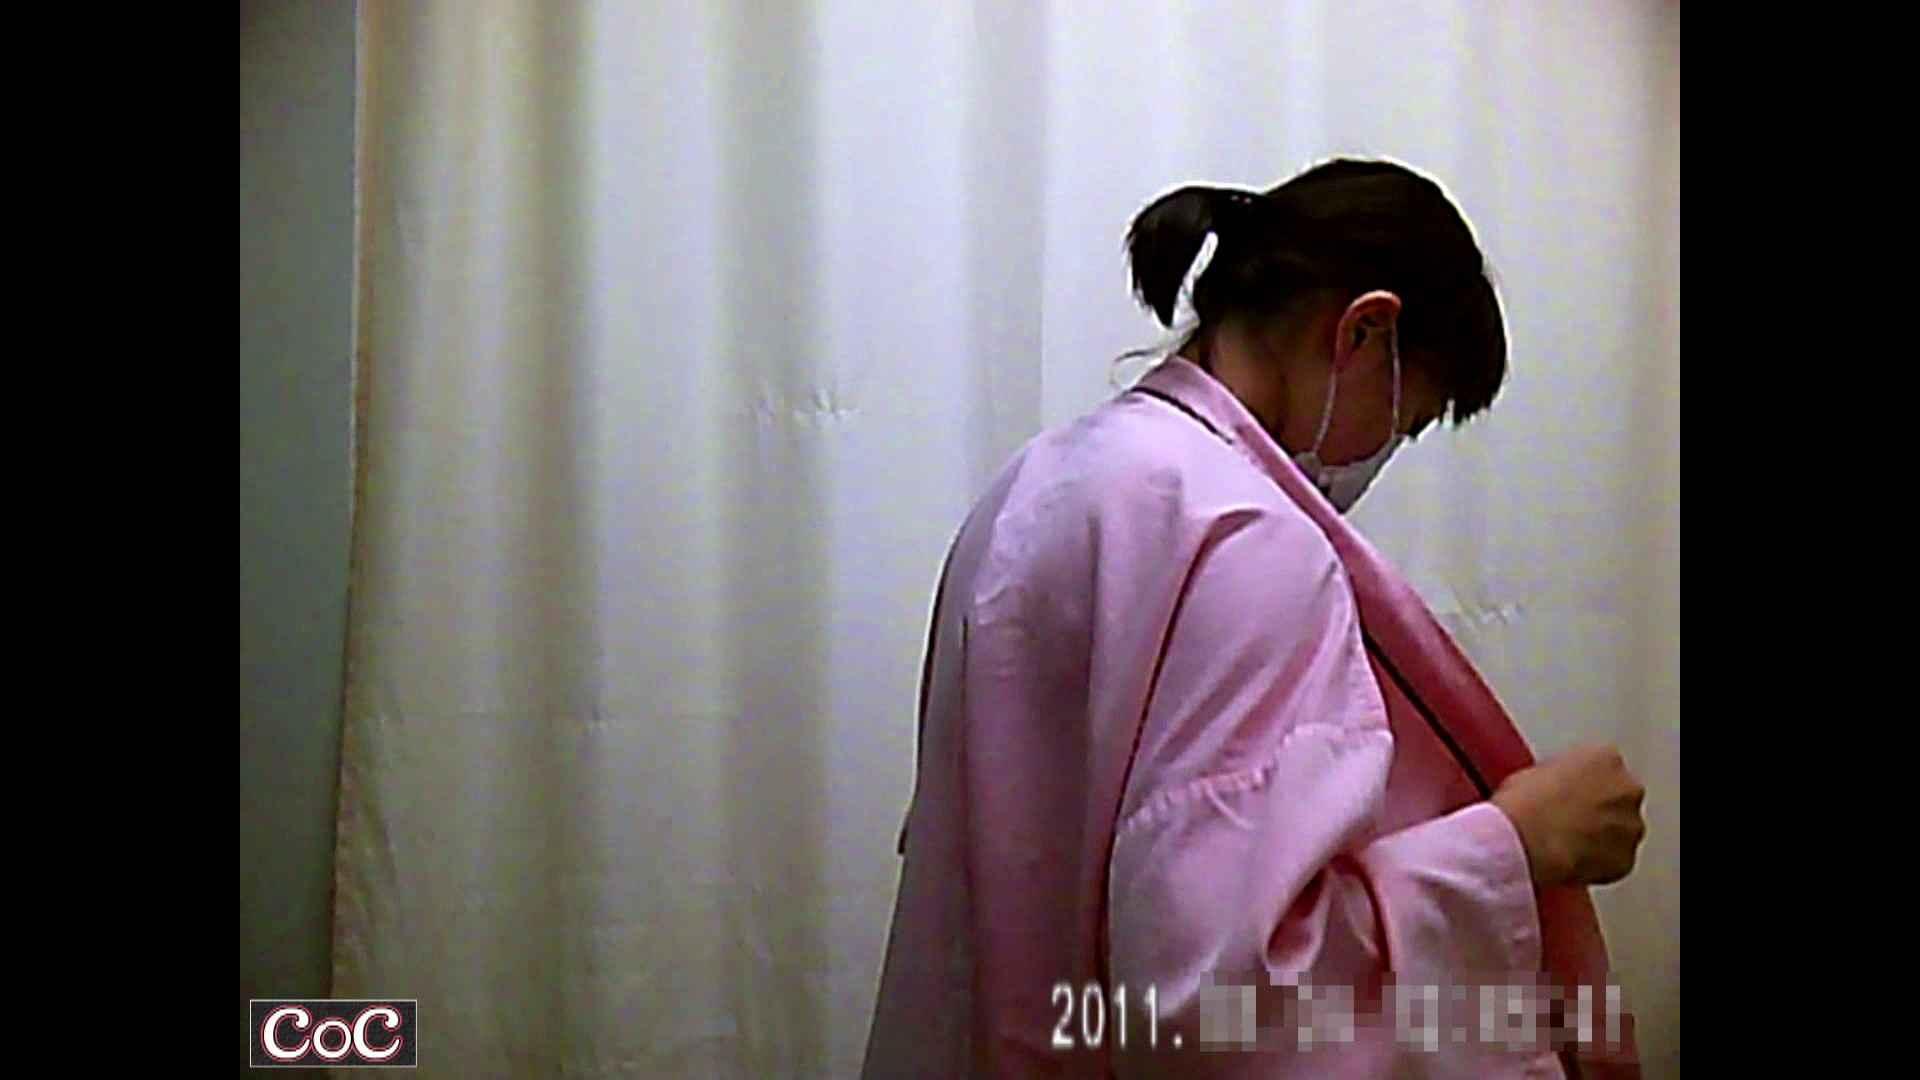 病院おもいっきり着替え! vol.10 乳首ポロリ 盗撮動画紹介 109画像 12